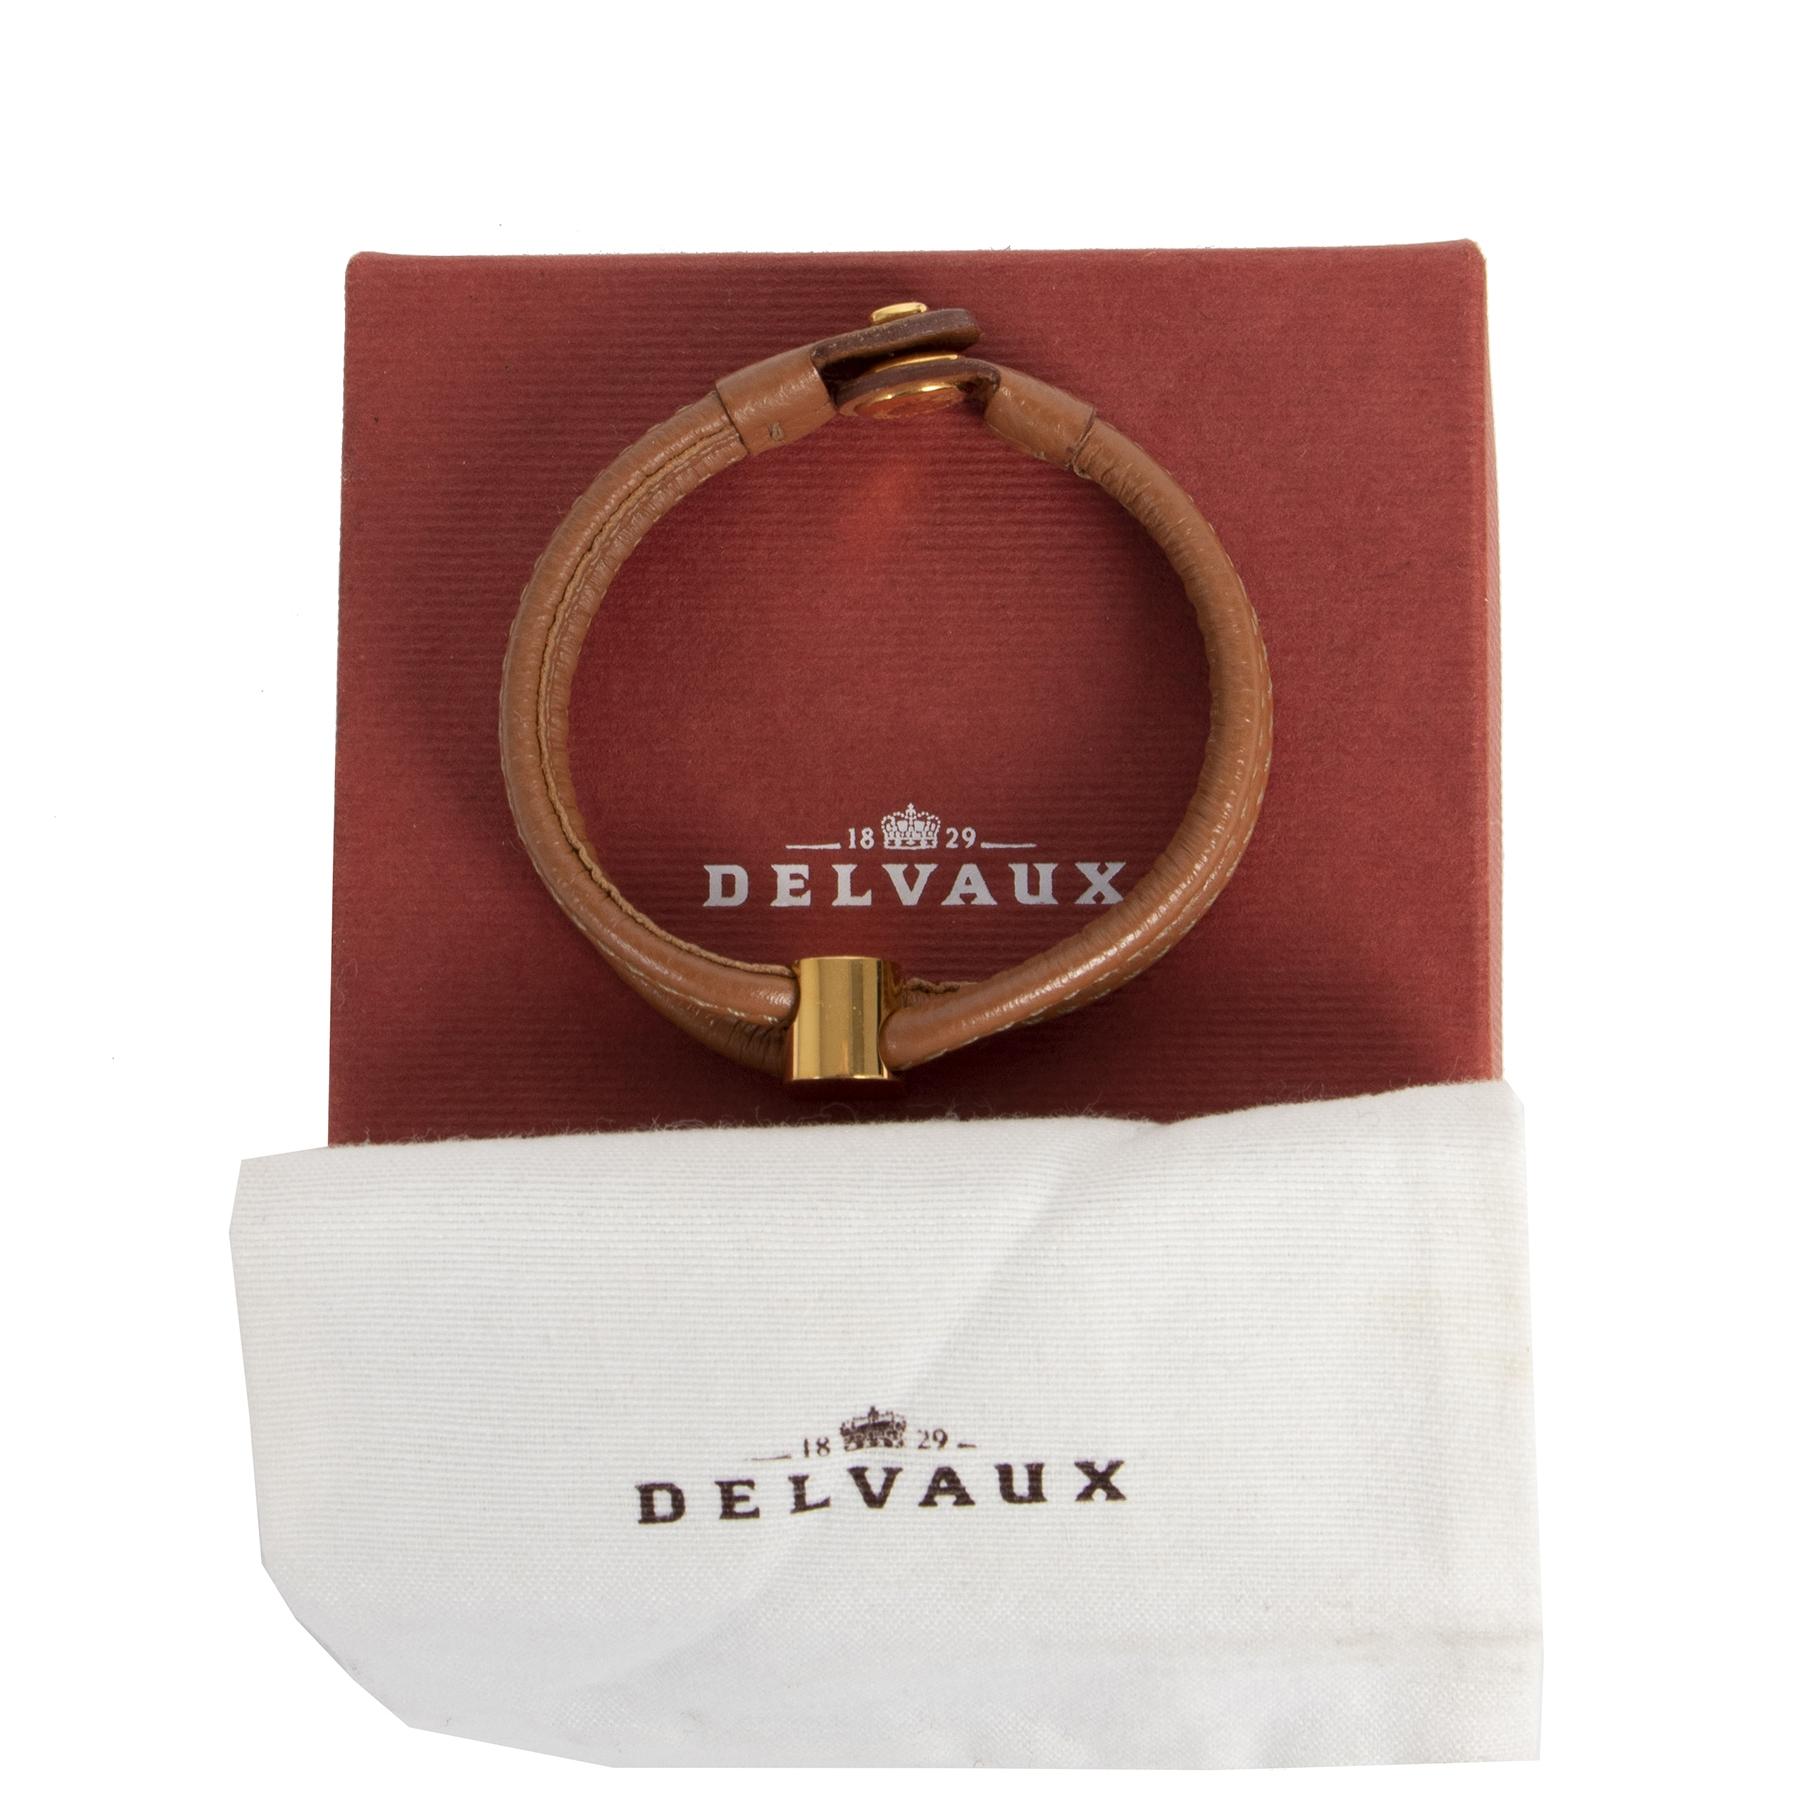 Authentique seconde-main vintage Delvaux Brown Leather Gold D Bracelet achète en ligne webshop LabelLOV